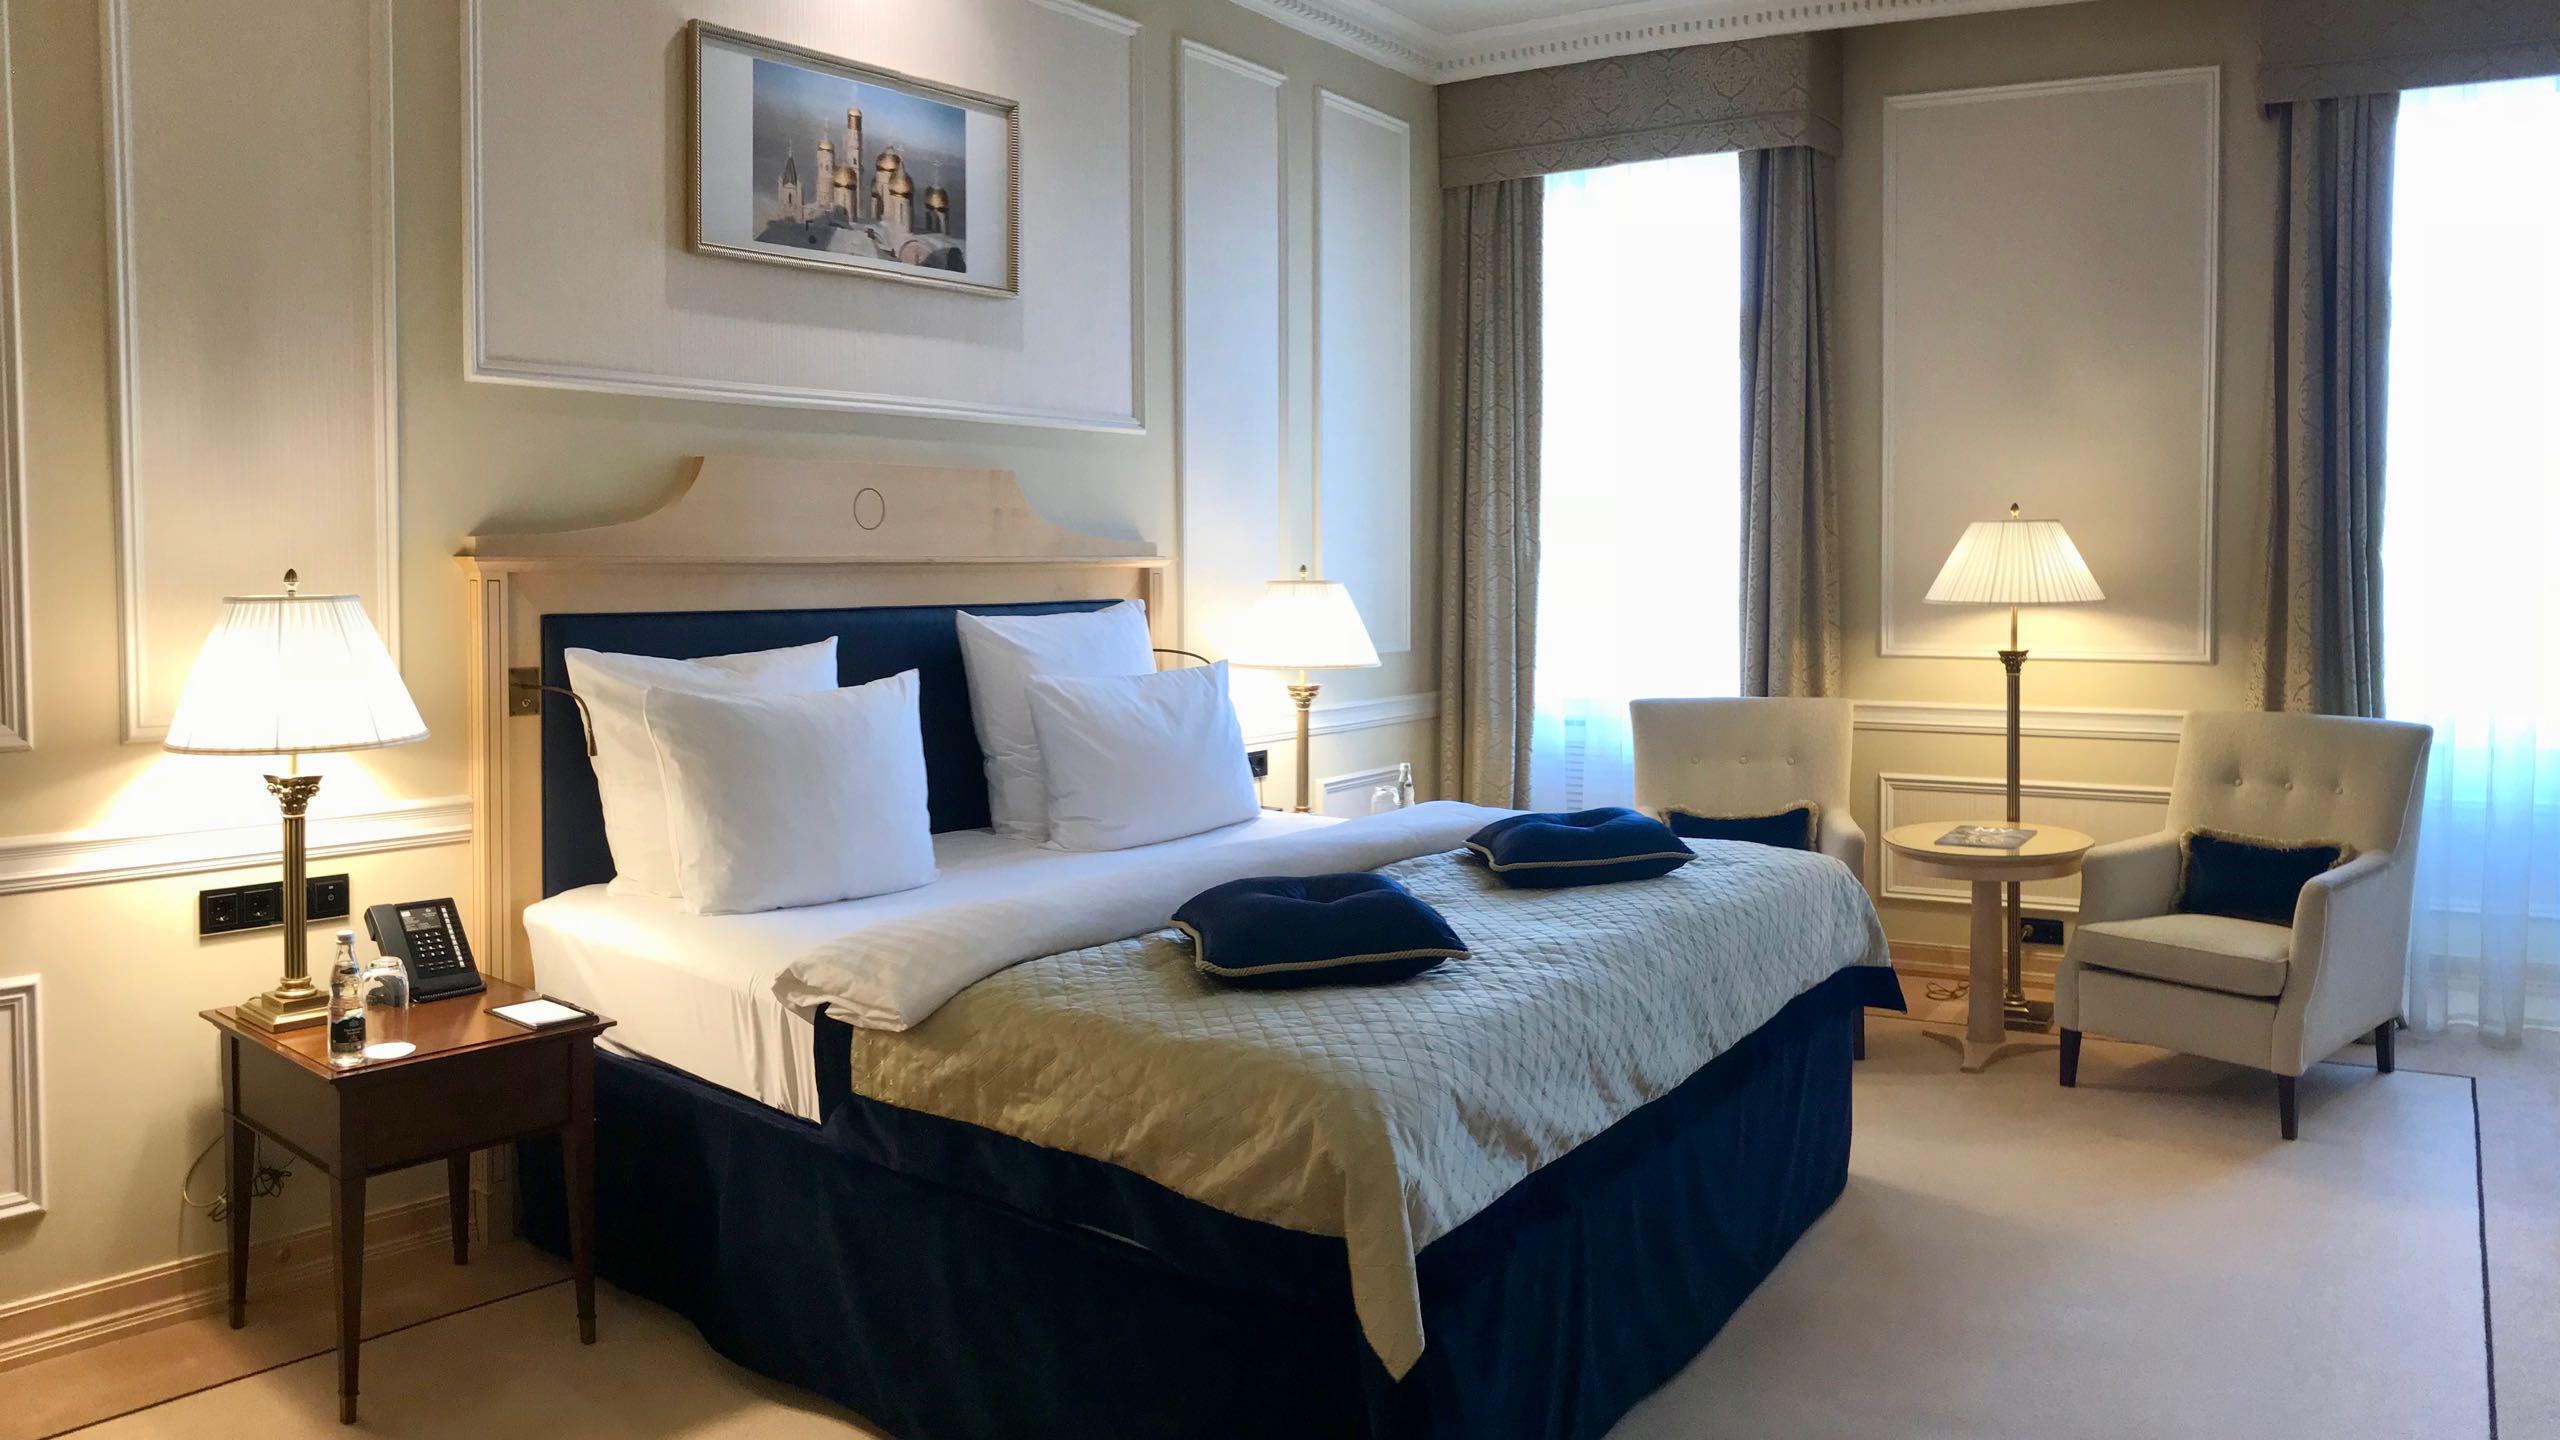 Luxushotel Baltschug Kempinski Moskau Roter Platz Suite Bett